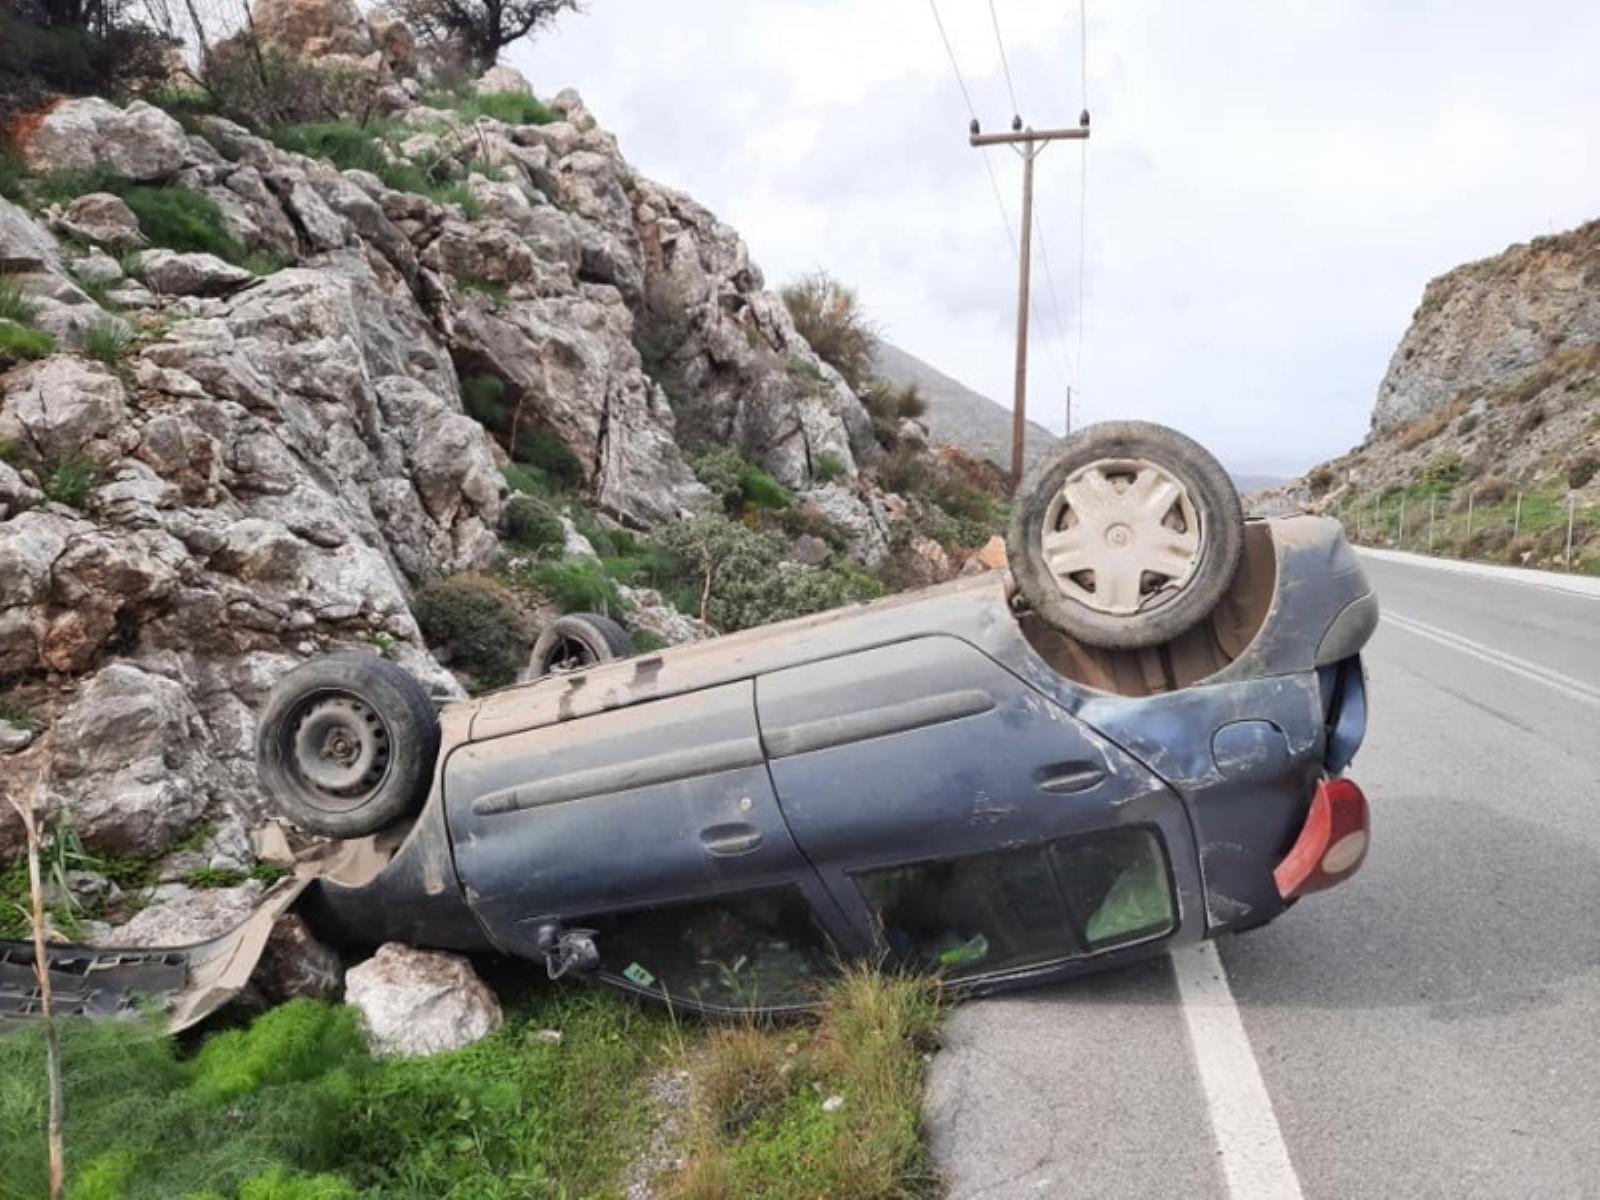 Κρήτη: Τούμπαρε το αυτοκίνητο, έπεσε στα βράχια κι όμως σώθηκε (pics)